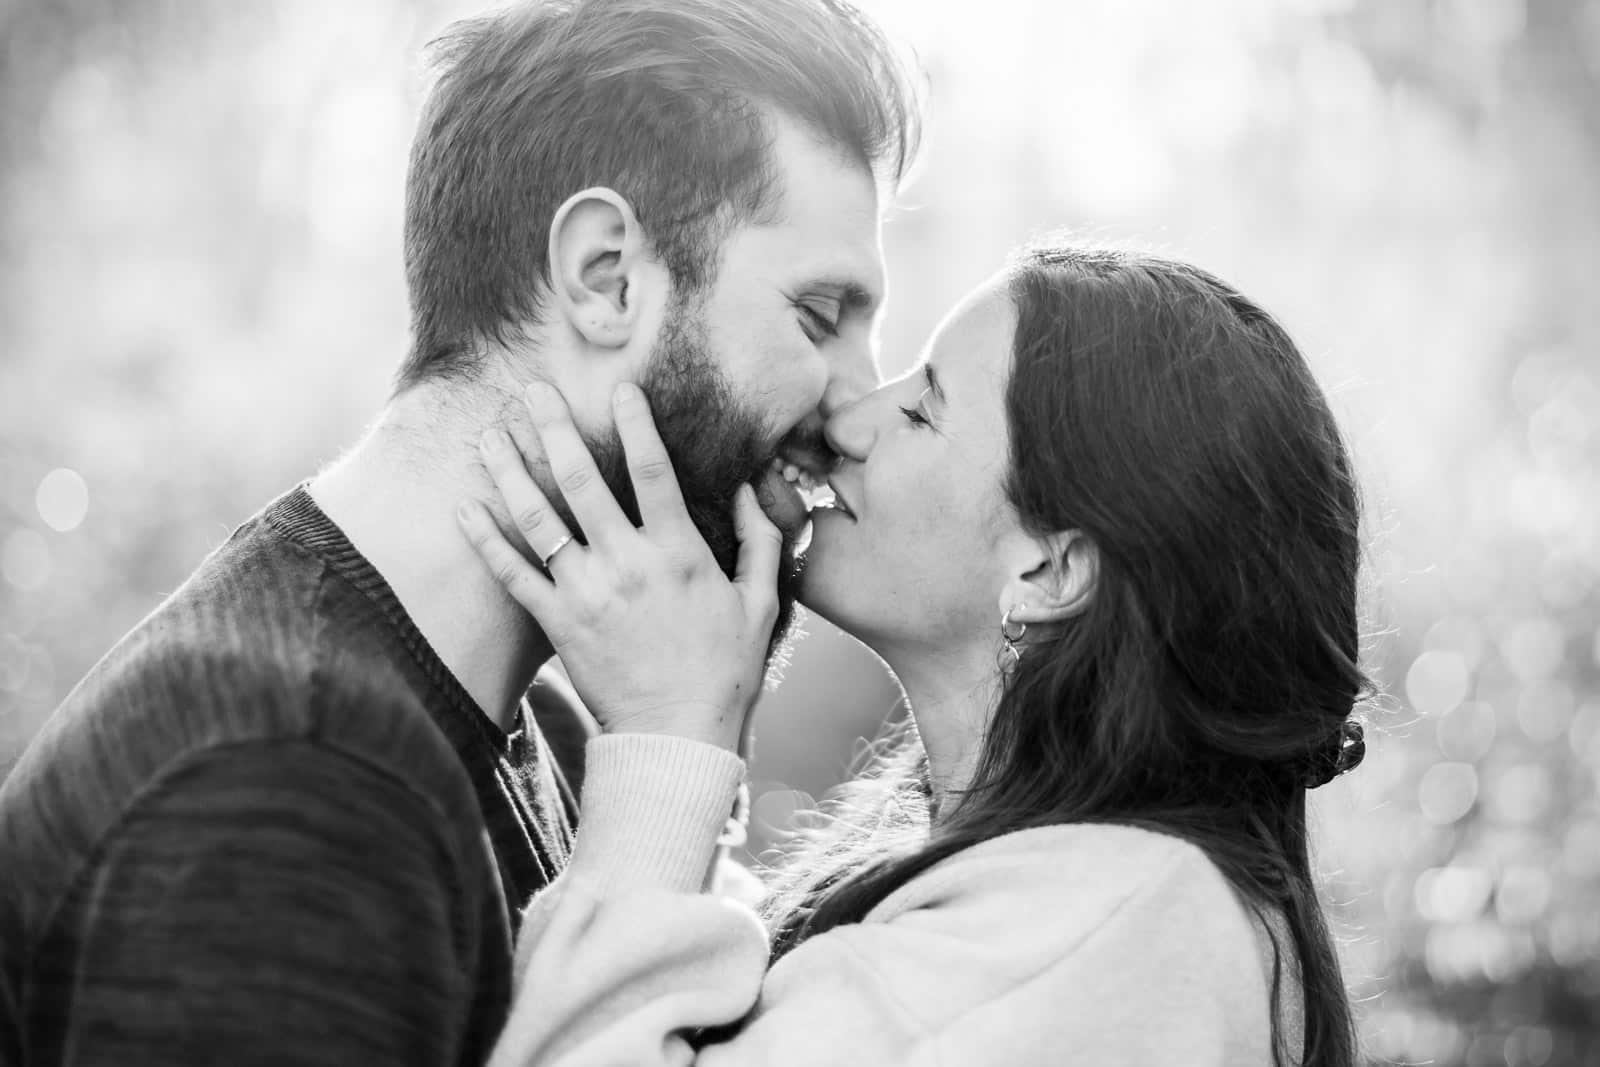 Photographie de Mathieu Dété, photographe de séance couple sur l'île de la Réunion, présentant un couple qui s'embrasse en noir et blanc à Saint Denis